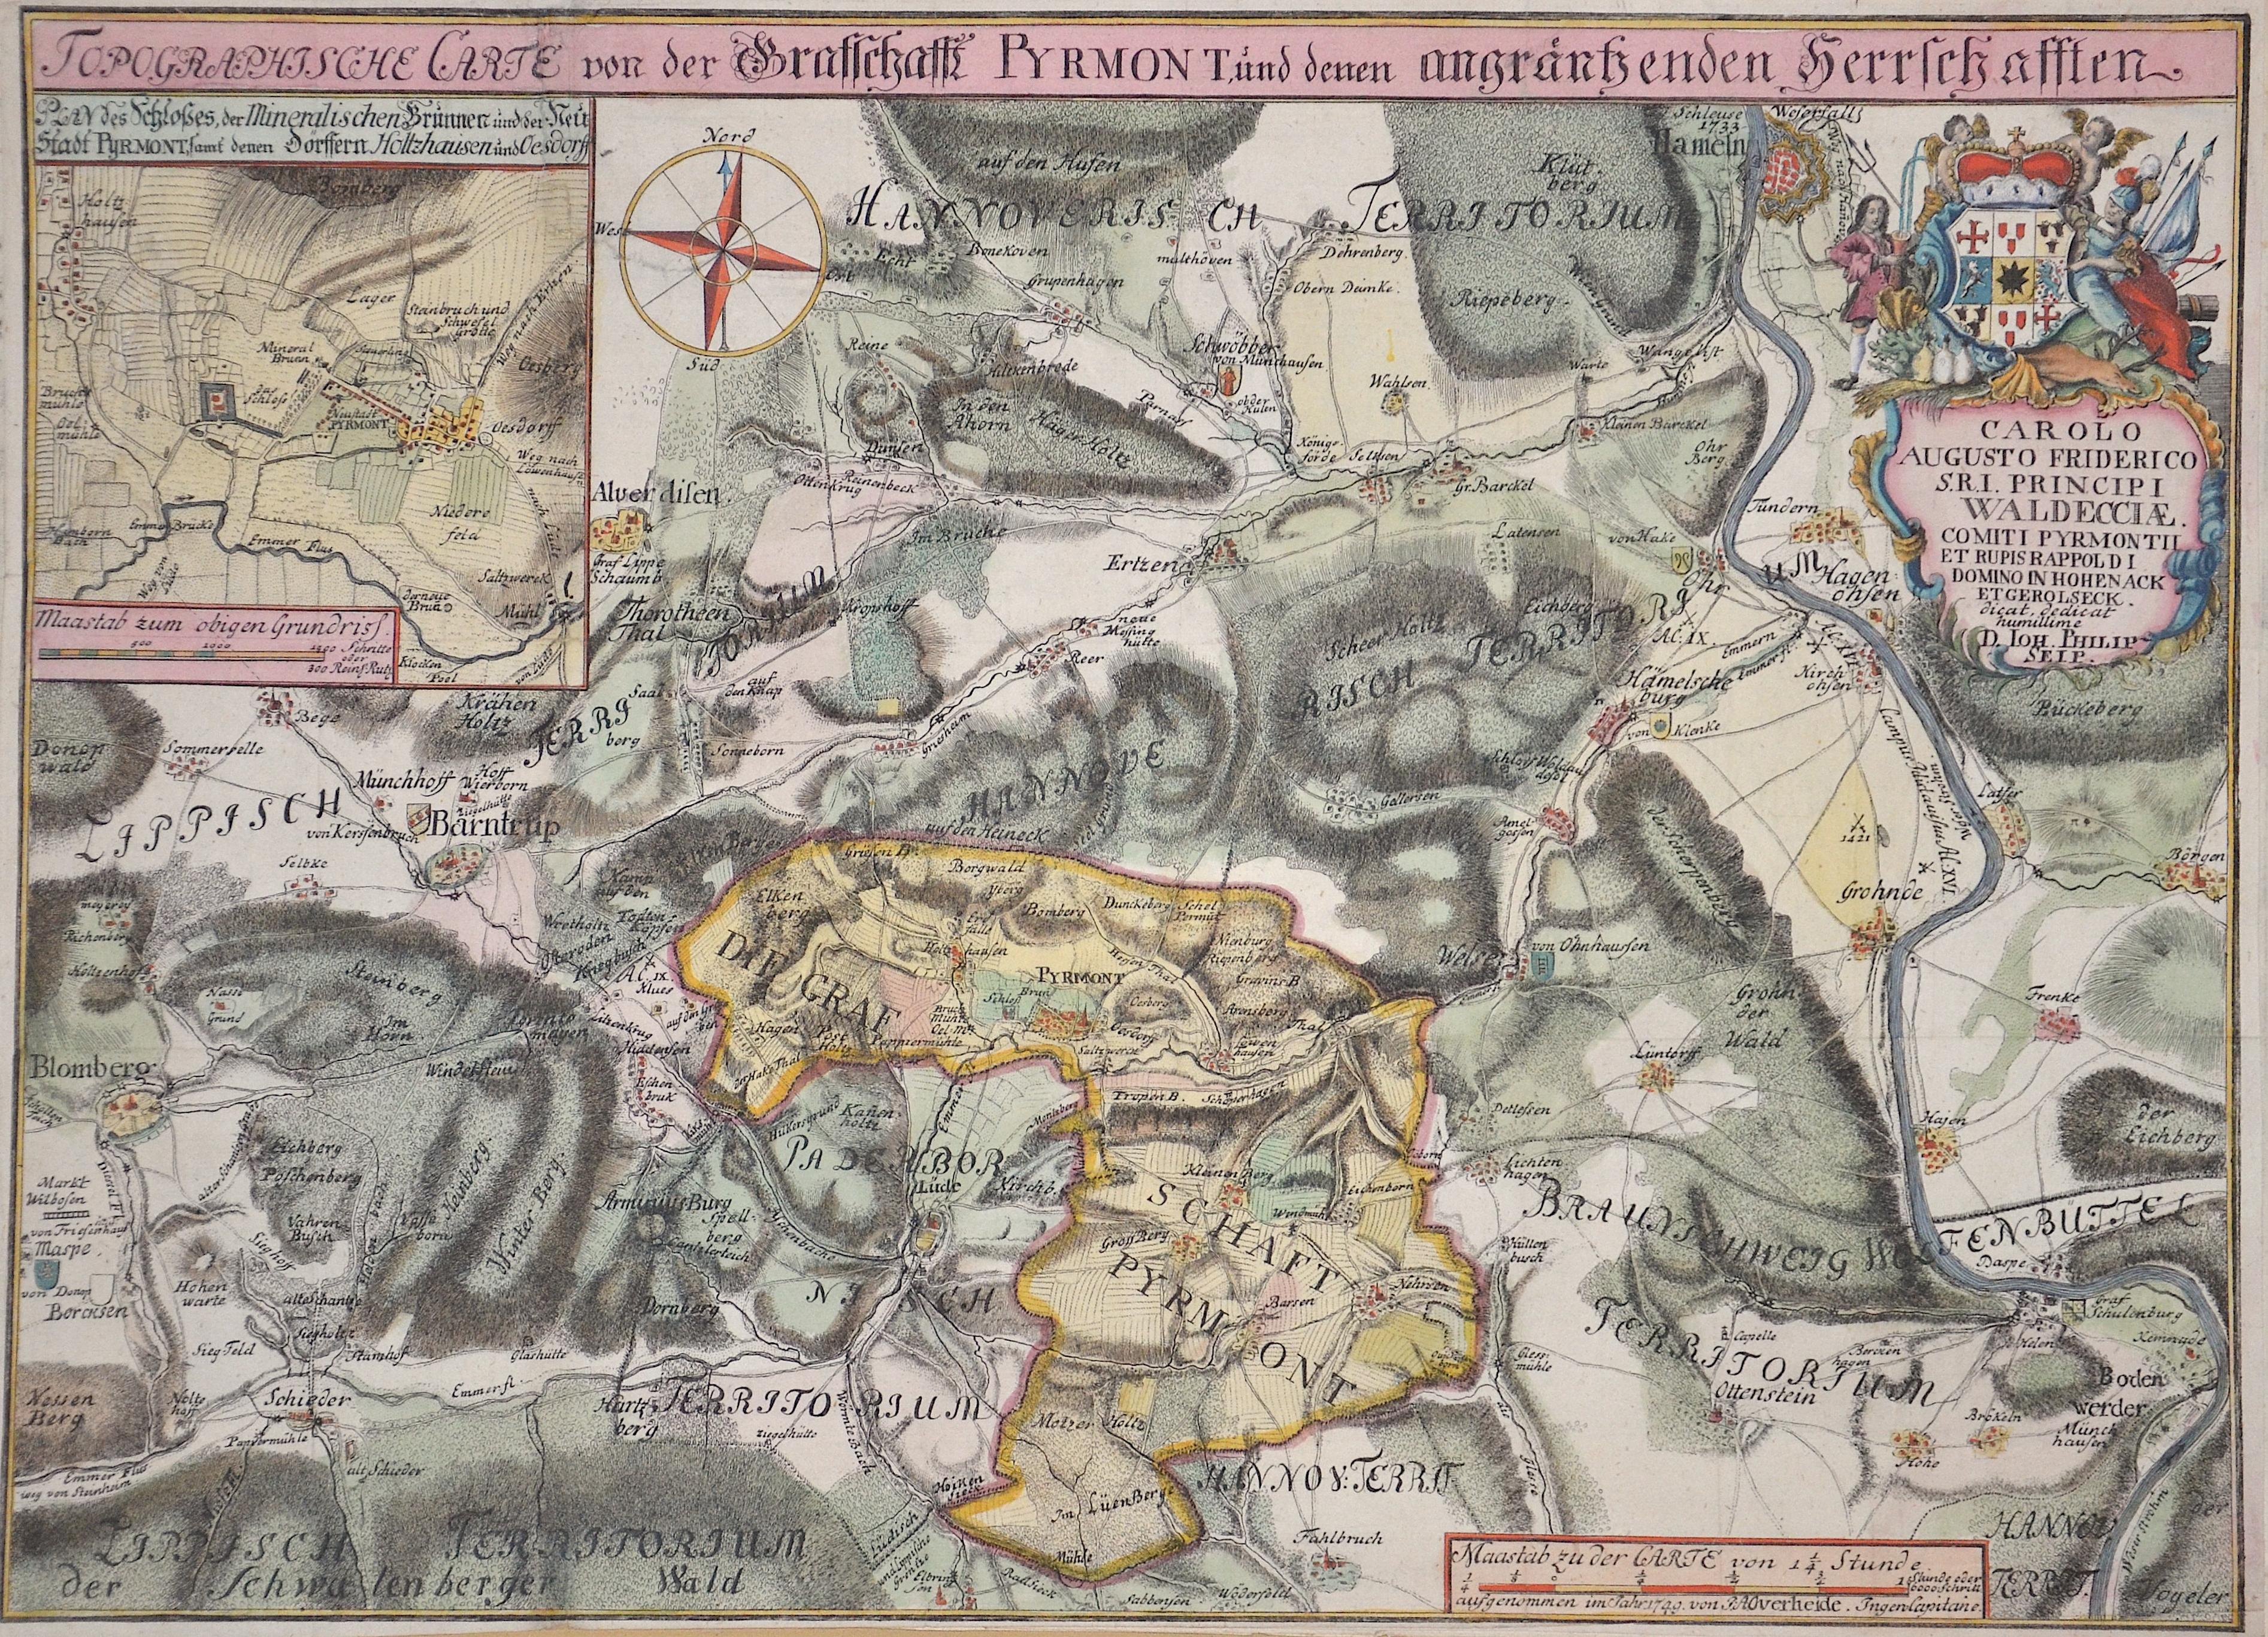 Seip Ph. Topographische Carte von der Grafschafft Pyrmont und denen angräntzenden Herrschaften